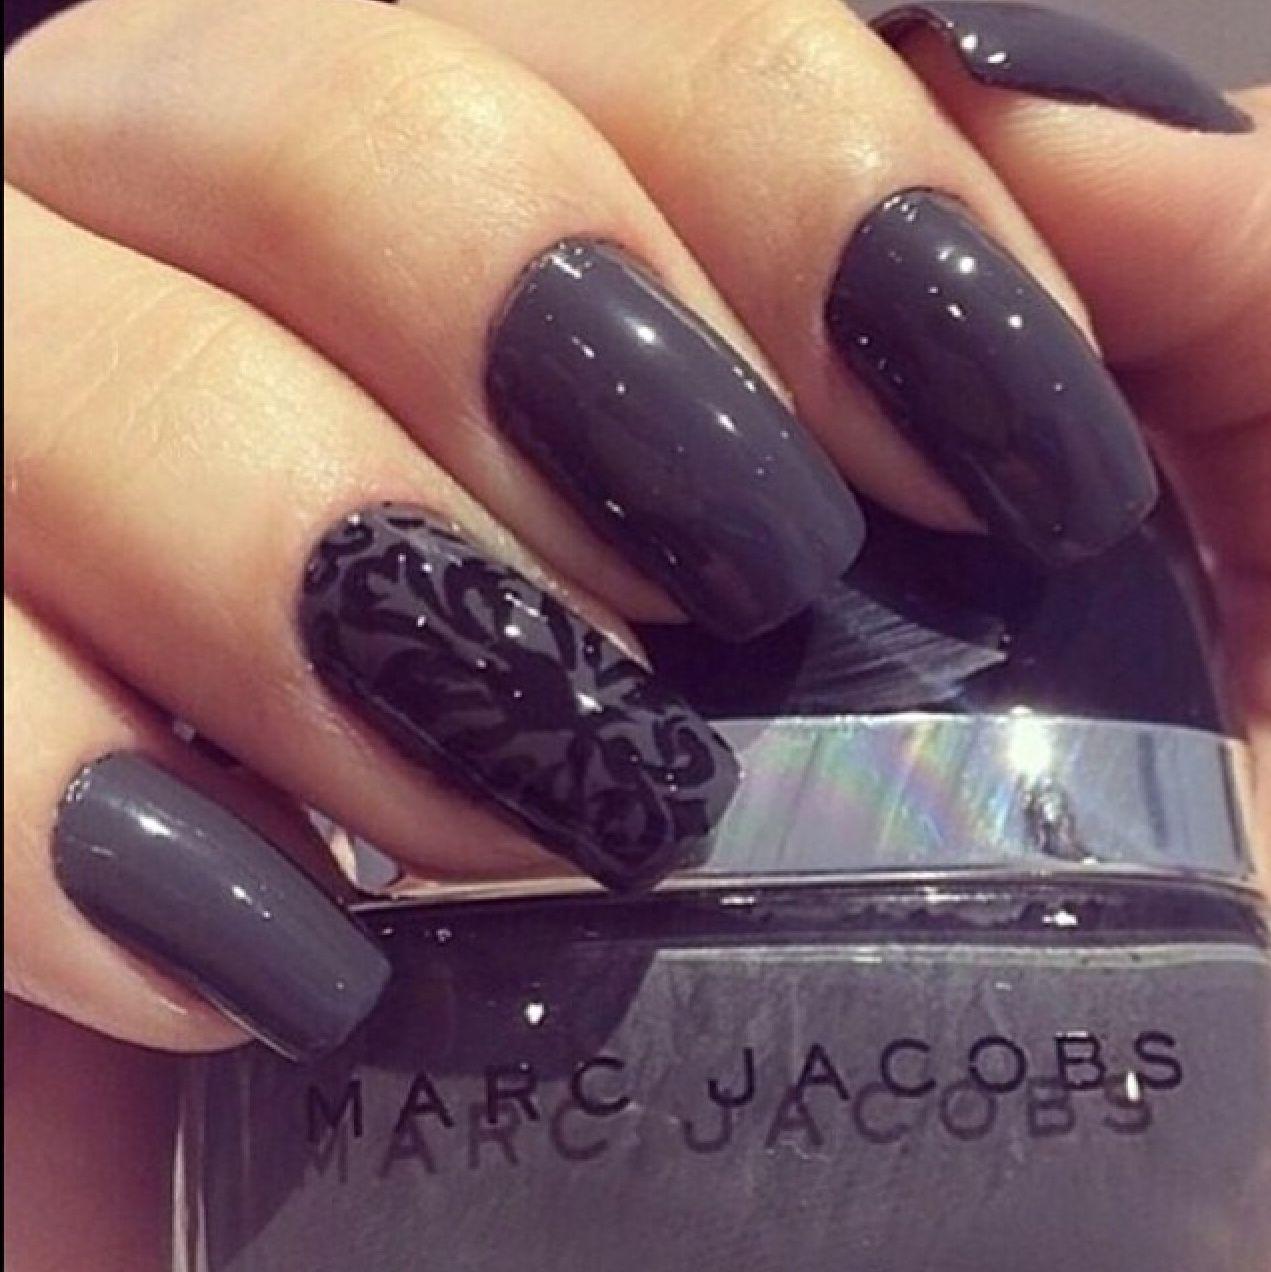 Pin by Sabrina Ayed on Nails | Pinterest | Winter nails, Makeup and ...